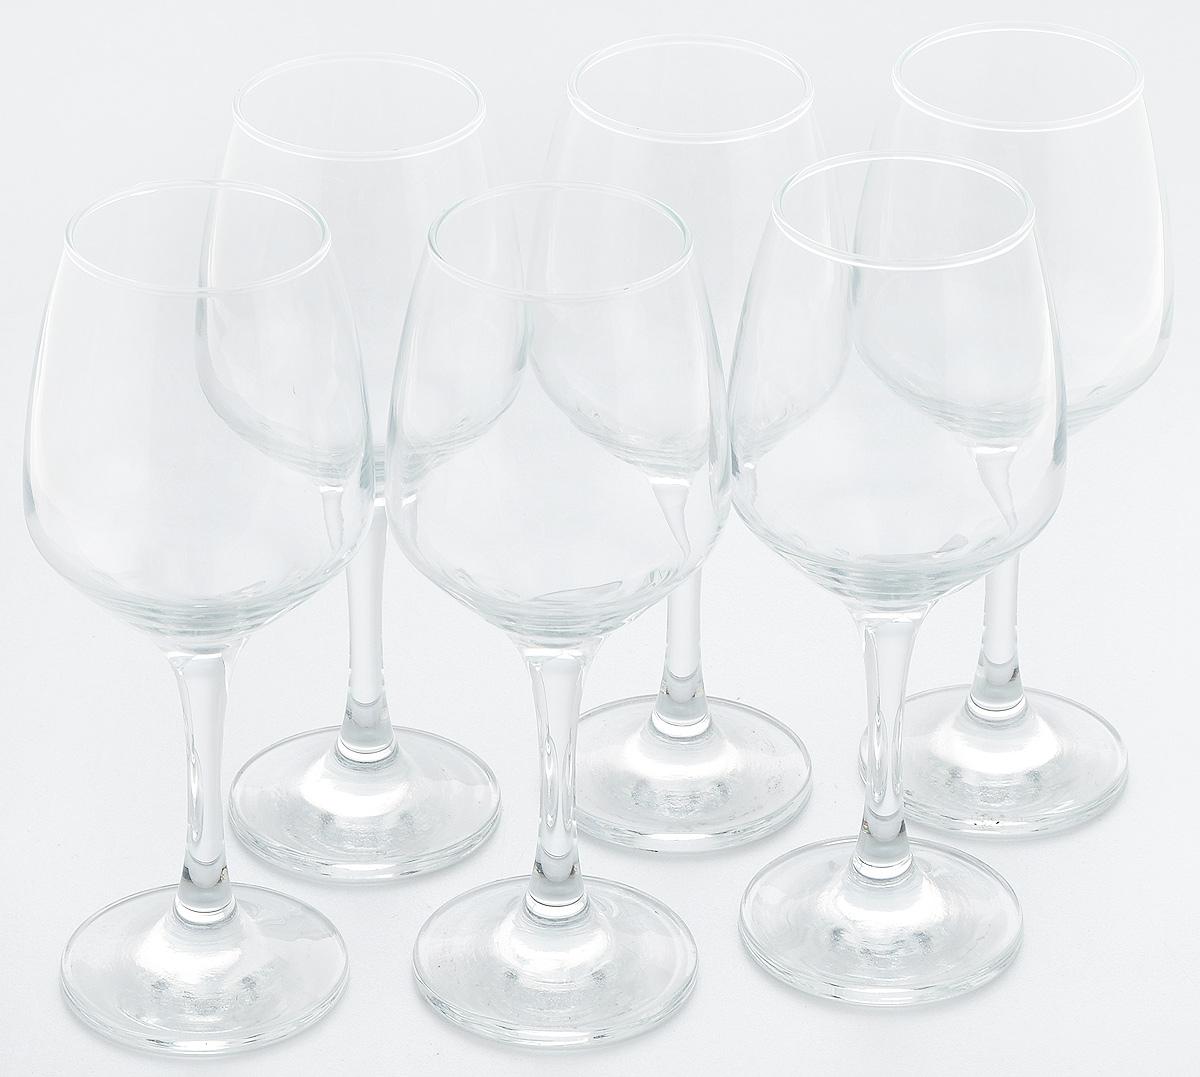 Набор бокалов для вина Pasabahce Isabella, 400 мл, 6 шт440272BНабор Pasabahce Isabella состоит из 6 бокалов, выполненных из прочного натрий-кальций-силикатного стекла. Изделия оснащены высокими ножками и предназначены для подачи вина. Они сочетают в себе элегантный дизайн и функциональность. Набор бокалов Pasabahce Isabella прекрасно оформит праздничный стол и создаст приятную атмосферу за романтическим ужином. Такой набор также станет хорошим подарком к любому случаю.